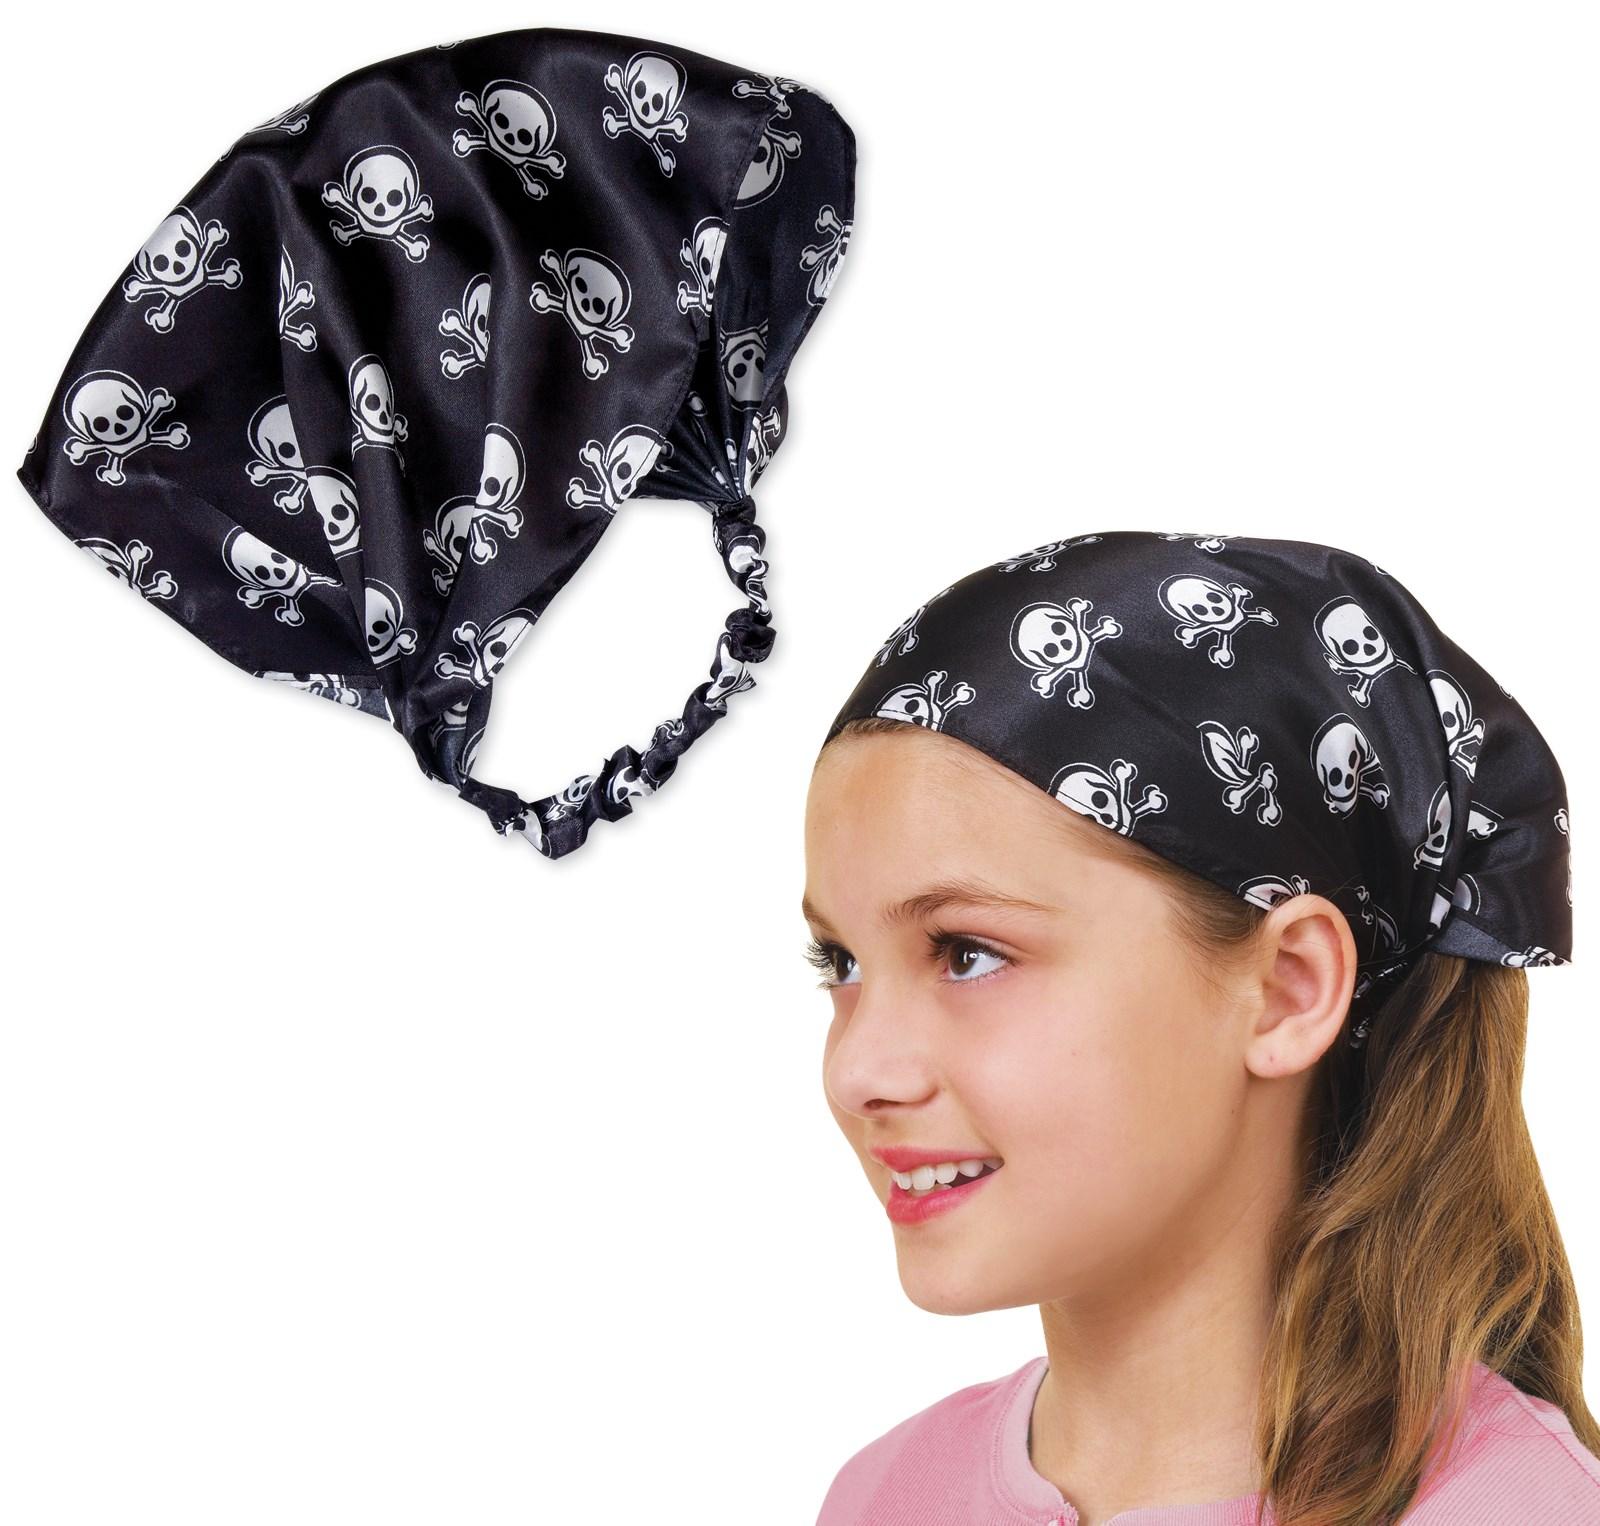 Pirate bandana template - photo#13